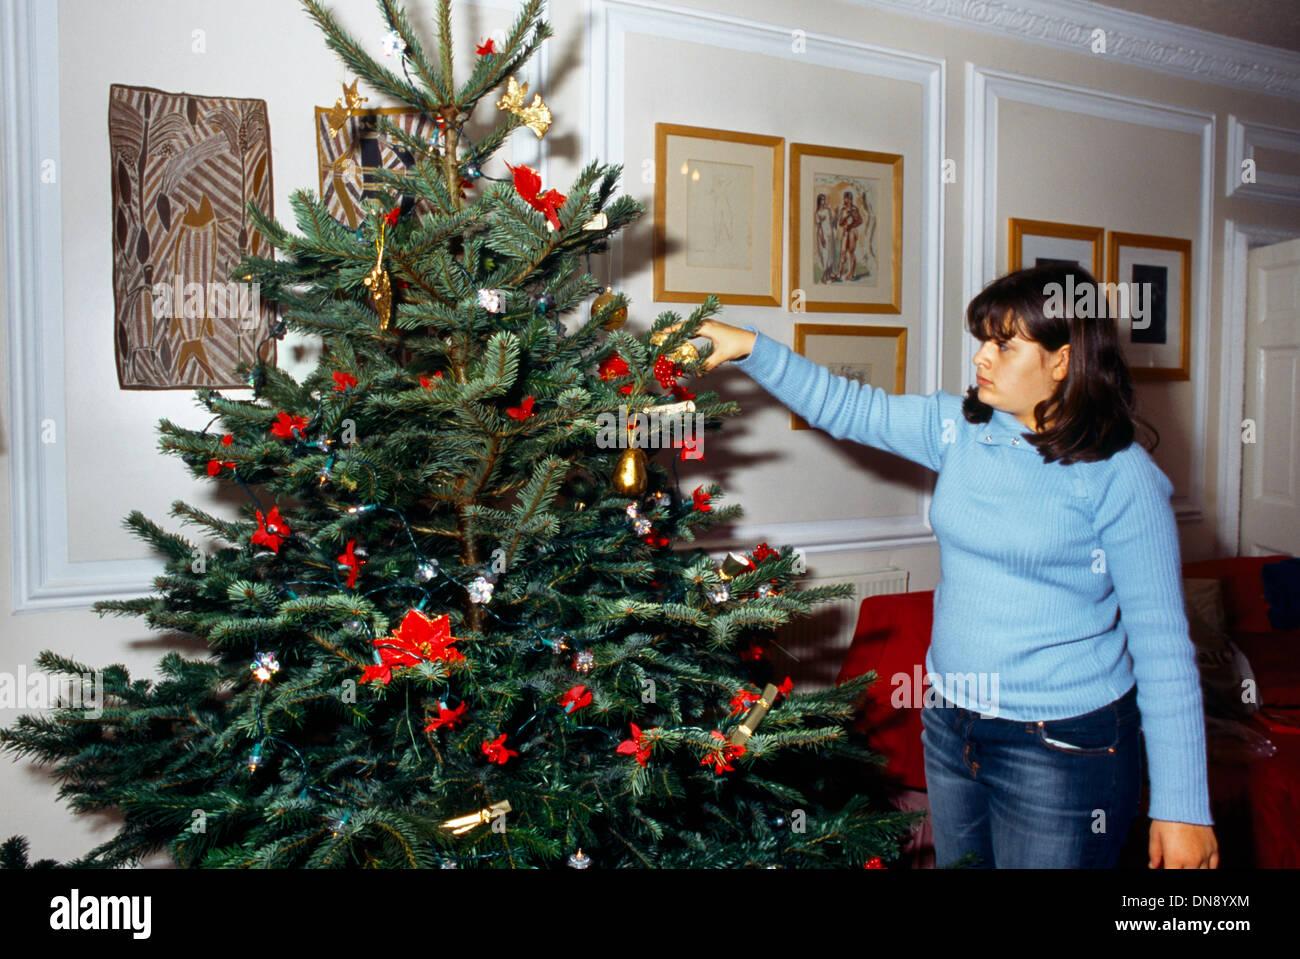 Weihnachtsbaum England.Mädchen Tragen Pullover Und Jeans Dekorieren Weihnachtsbaum England